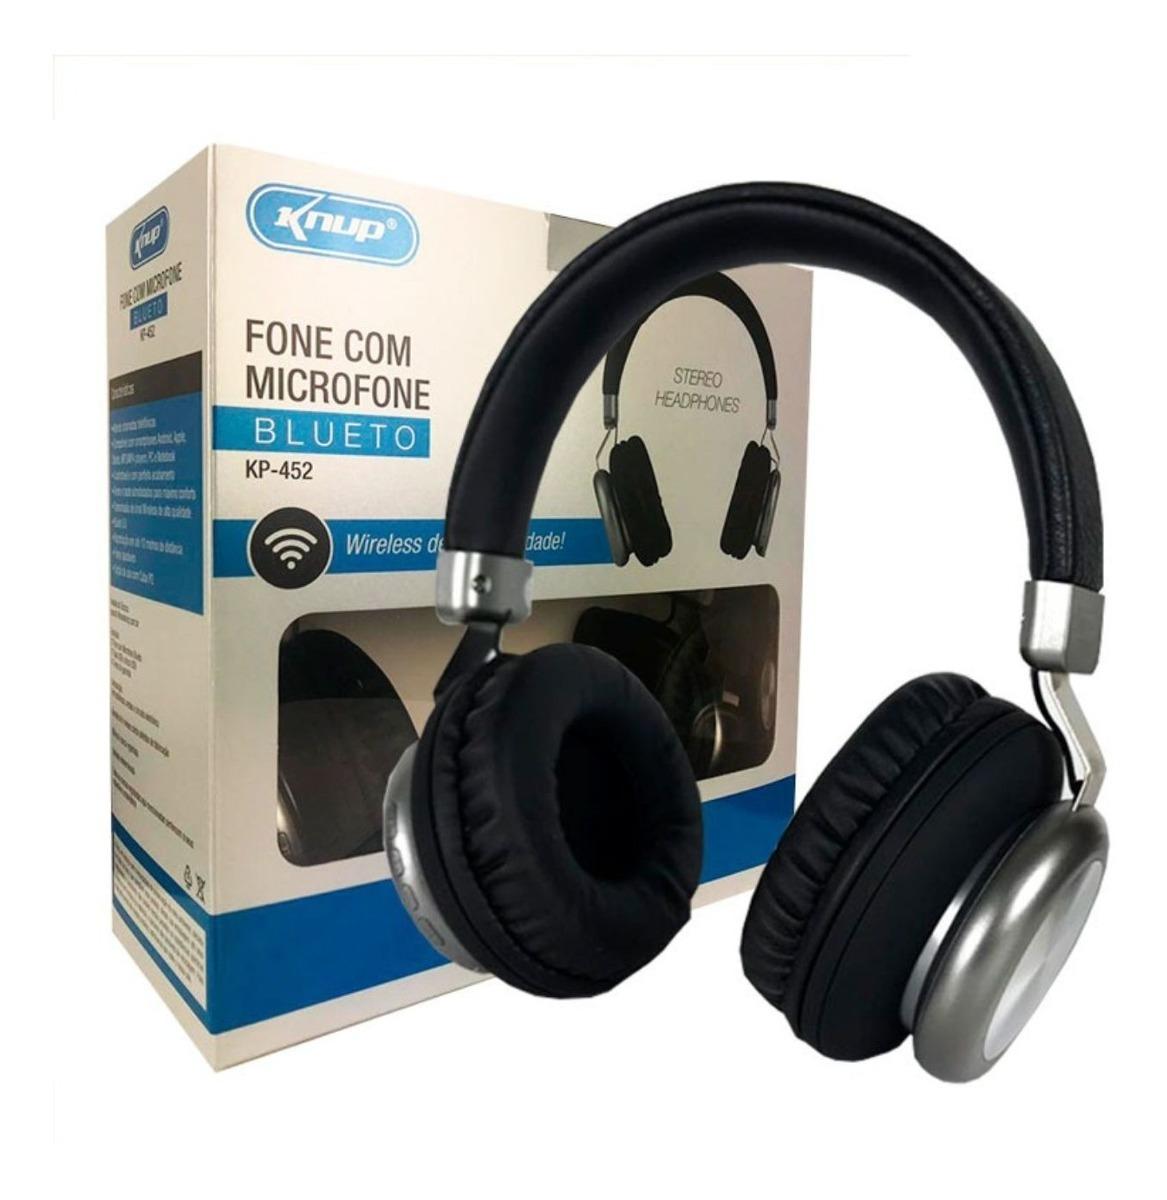 Fone de Ouvido sem fio Bluetooth KP-452